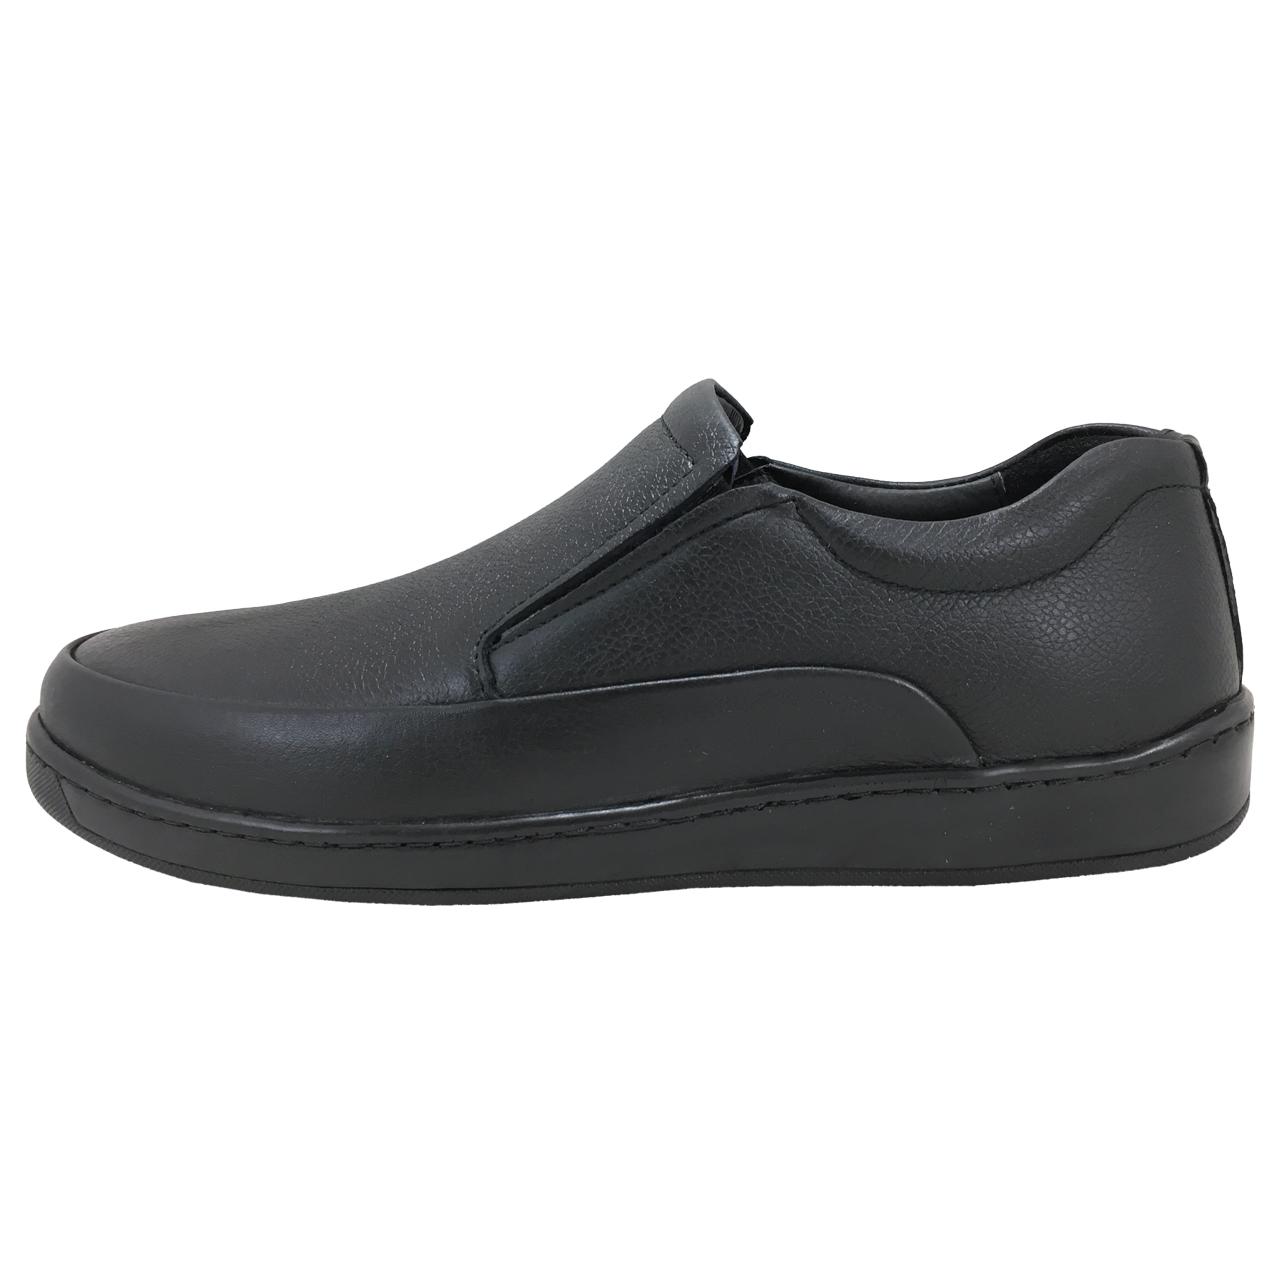 قیمت کفش مردانه مدل پلاس کد 2767